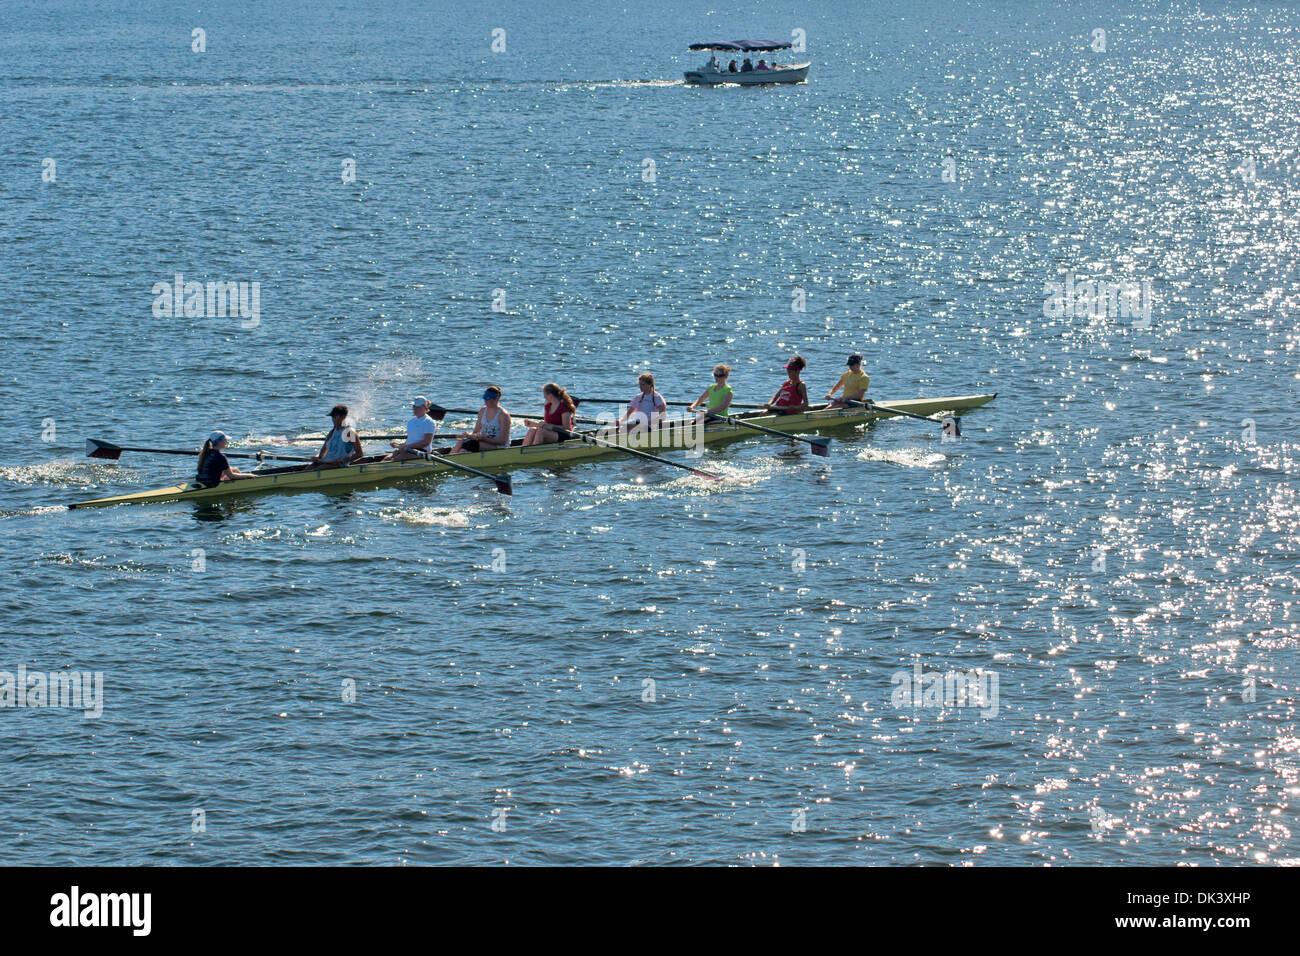 Una barca che partecipano a competizioni di canottaggio sul Lago di unione , Seattle, nello stato di Washington, USA Immagini Stock